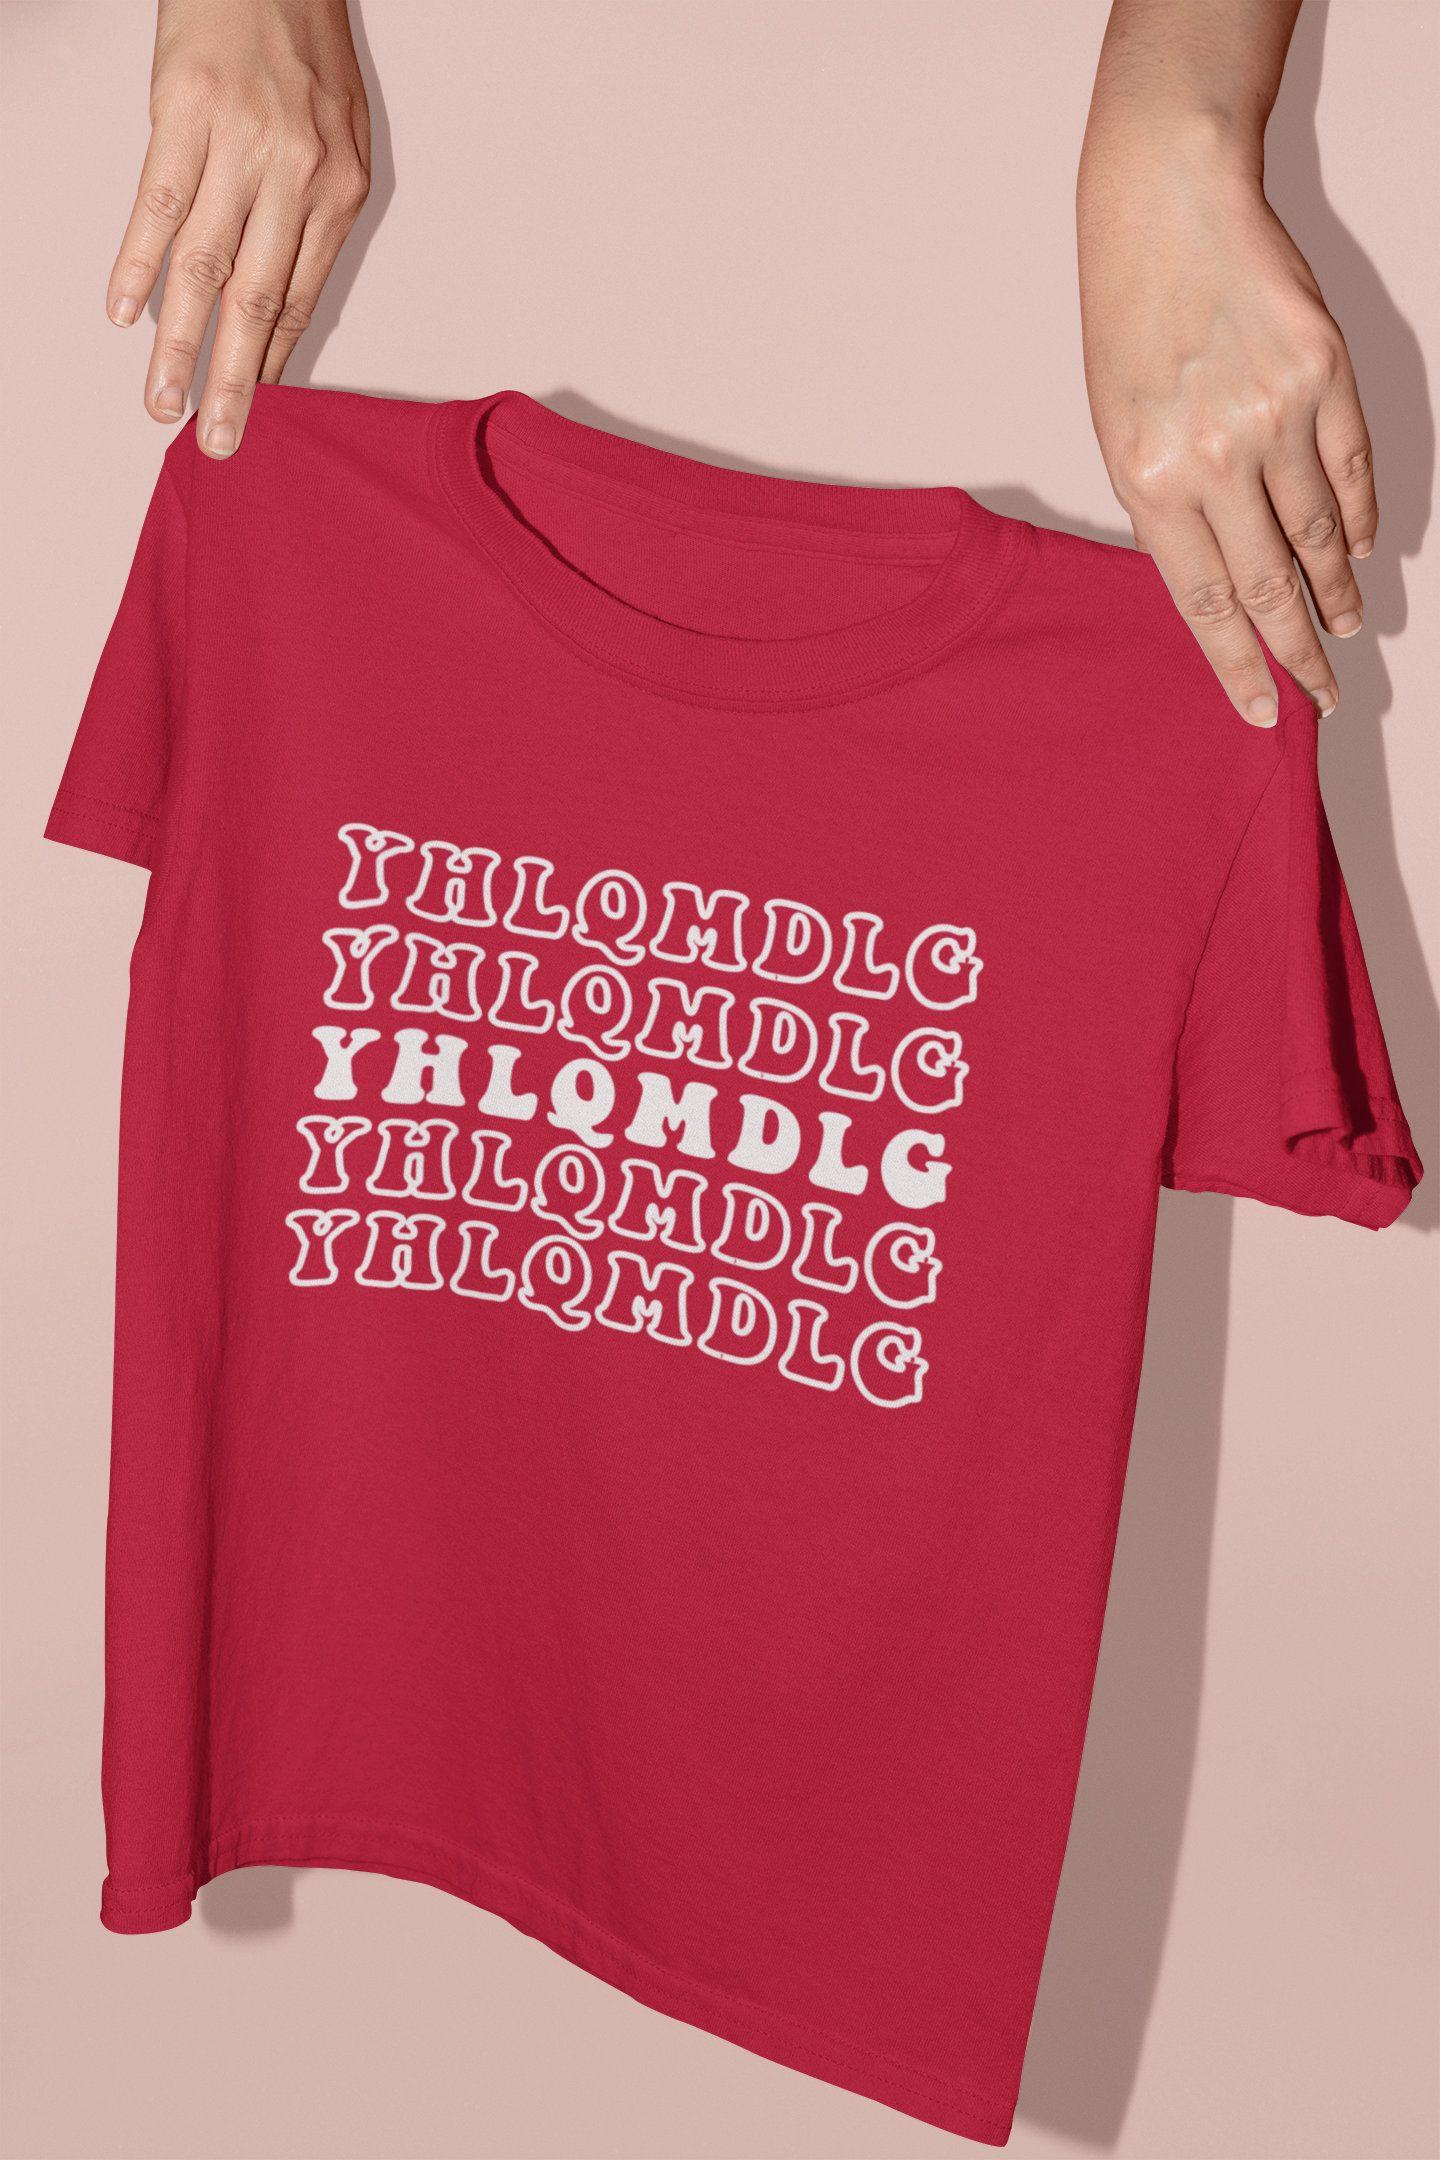 YHLQMDLG Bad Bunny Shirt